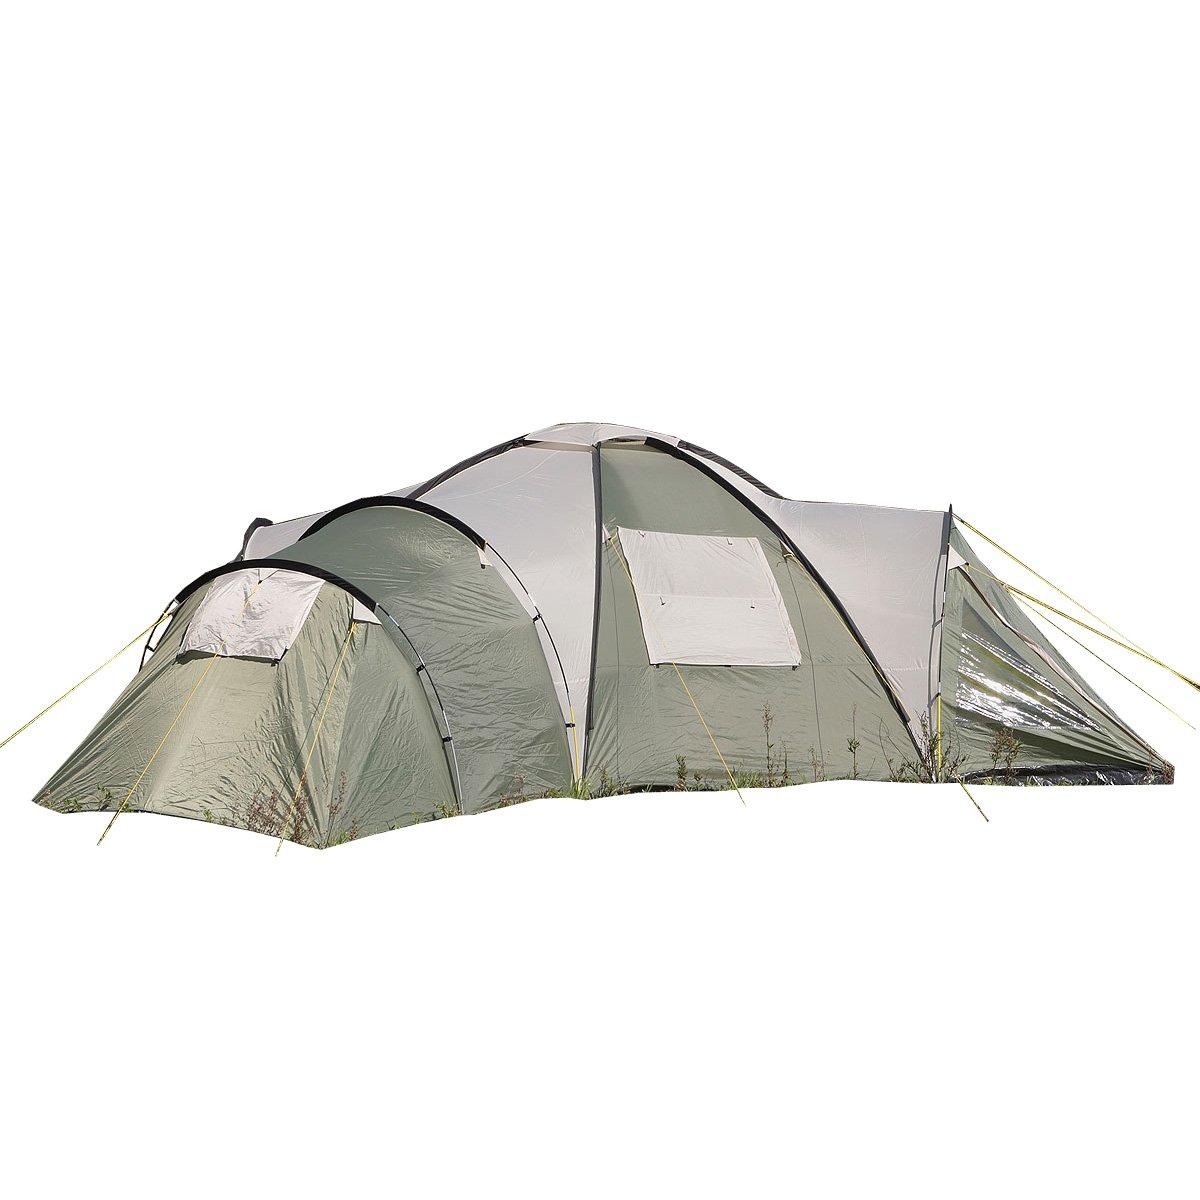 Skandika Korsika 8-Personen Kuppelzelt, mit 3 Schlafkabinen, 210cm Stehhöhe Stehhöhe 210cm und 5000mm Wassersäule, Familienzelt 535bd1